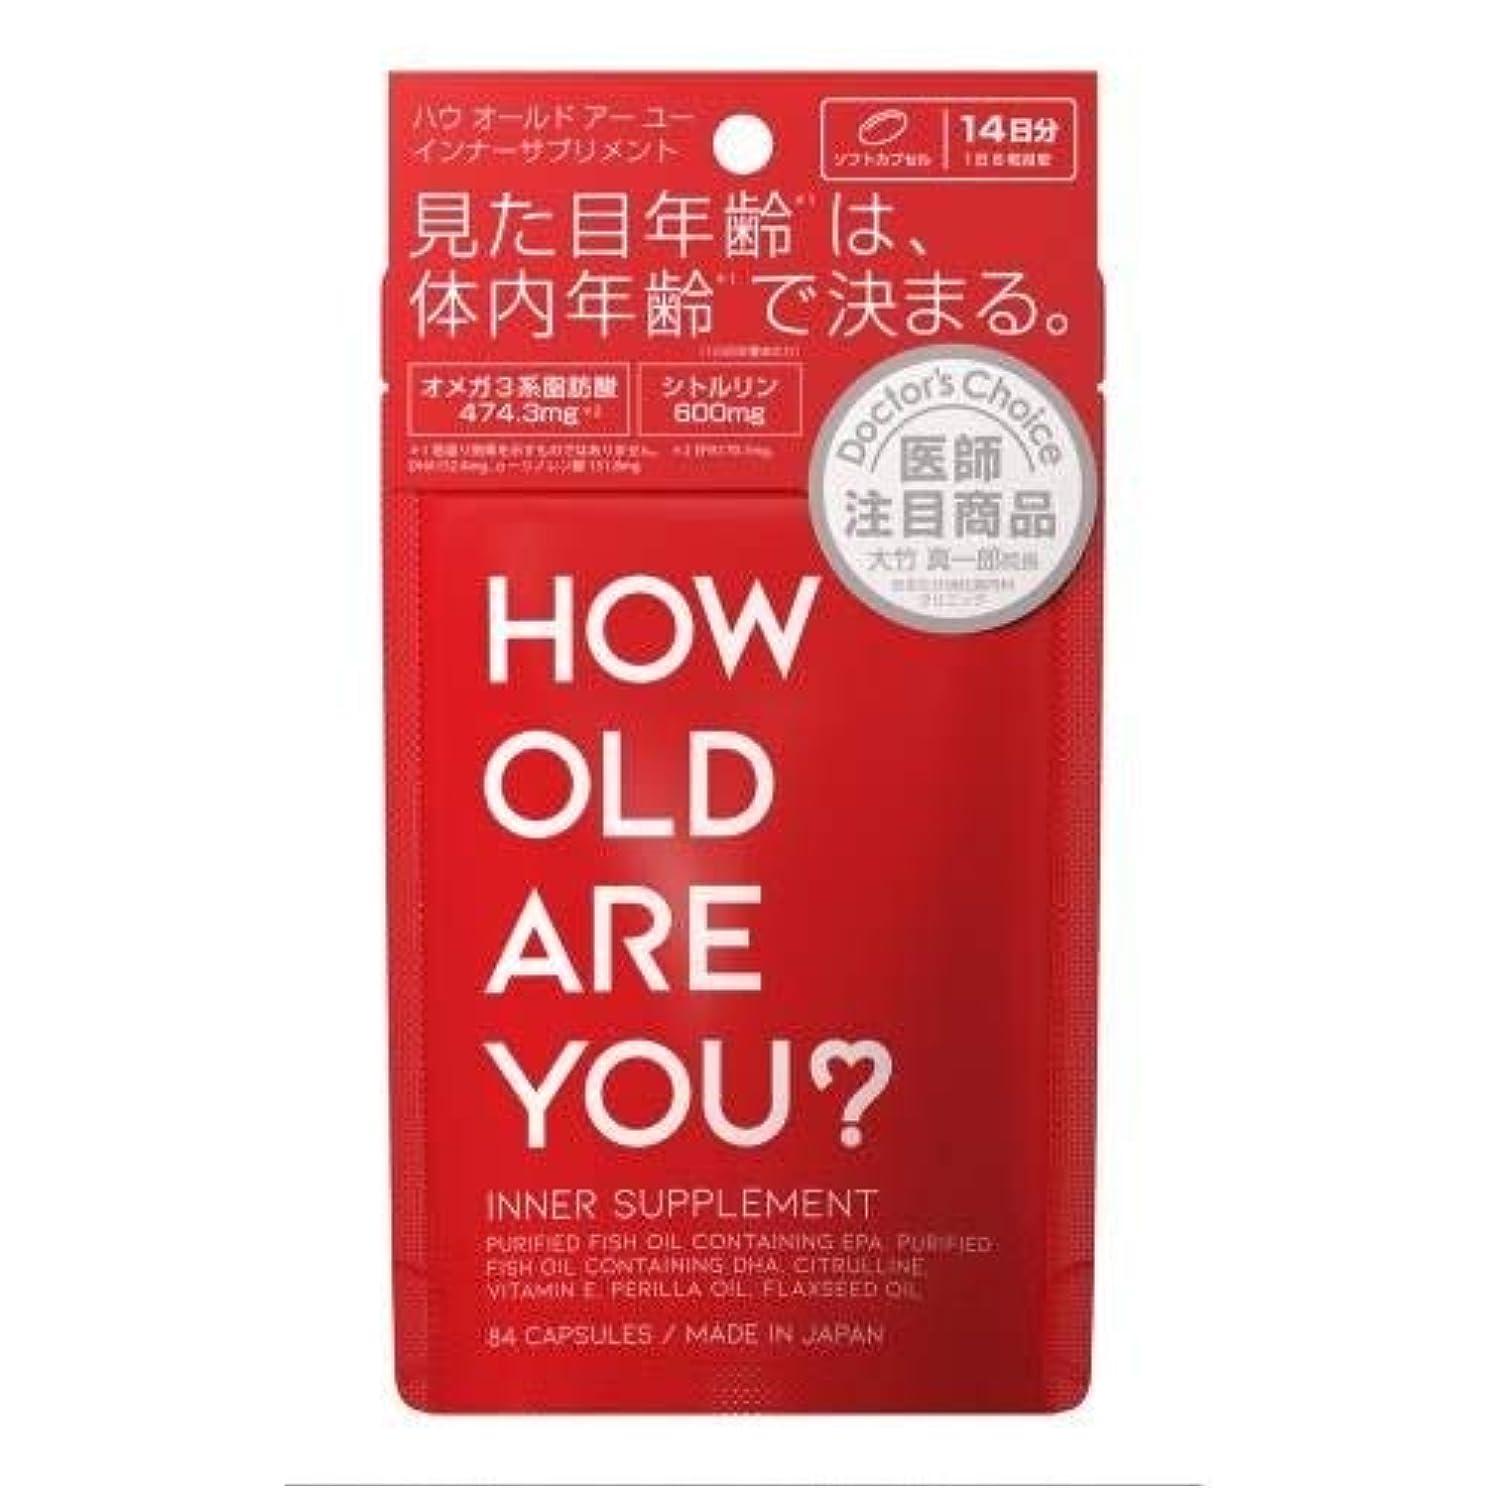 クローン抑制類推【6個セット】HOW OLD ARE YOU?インナーサプリメント 84粒